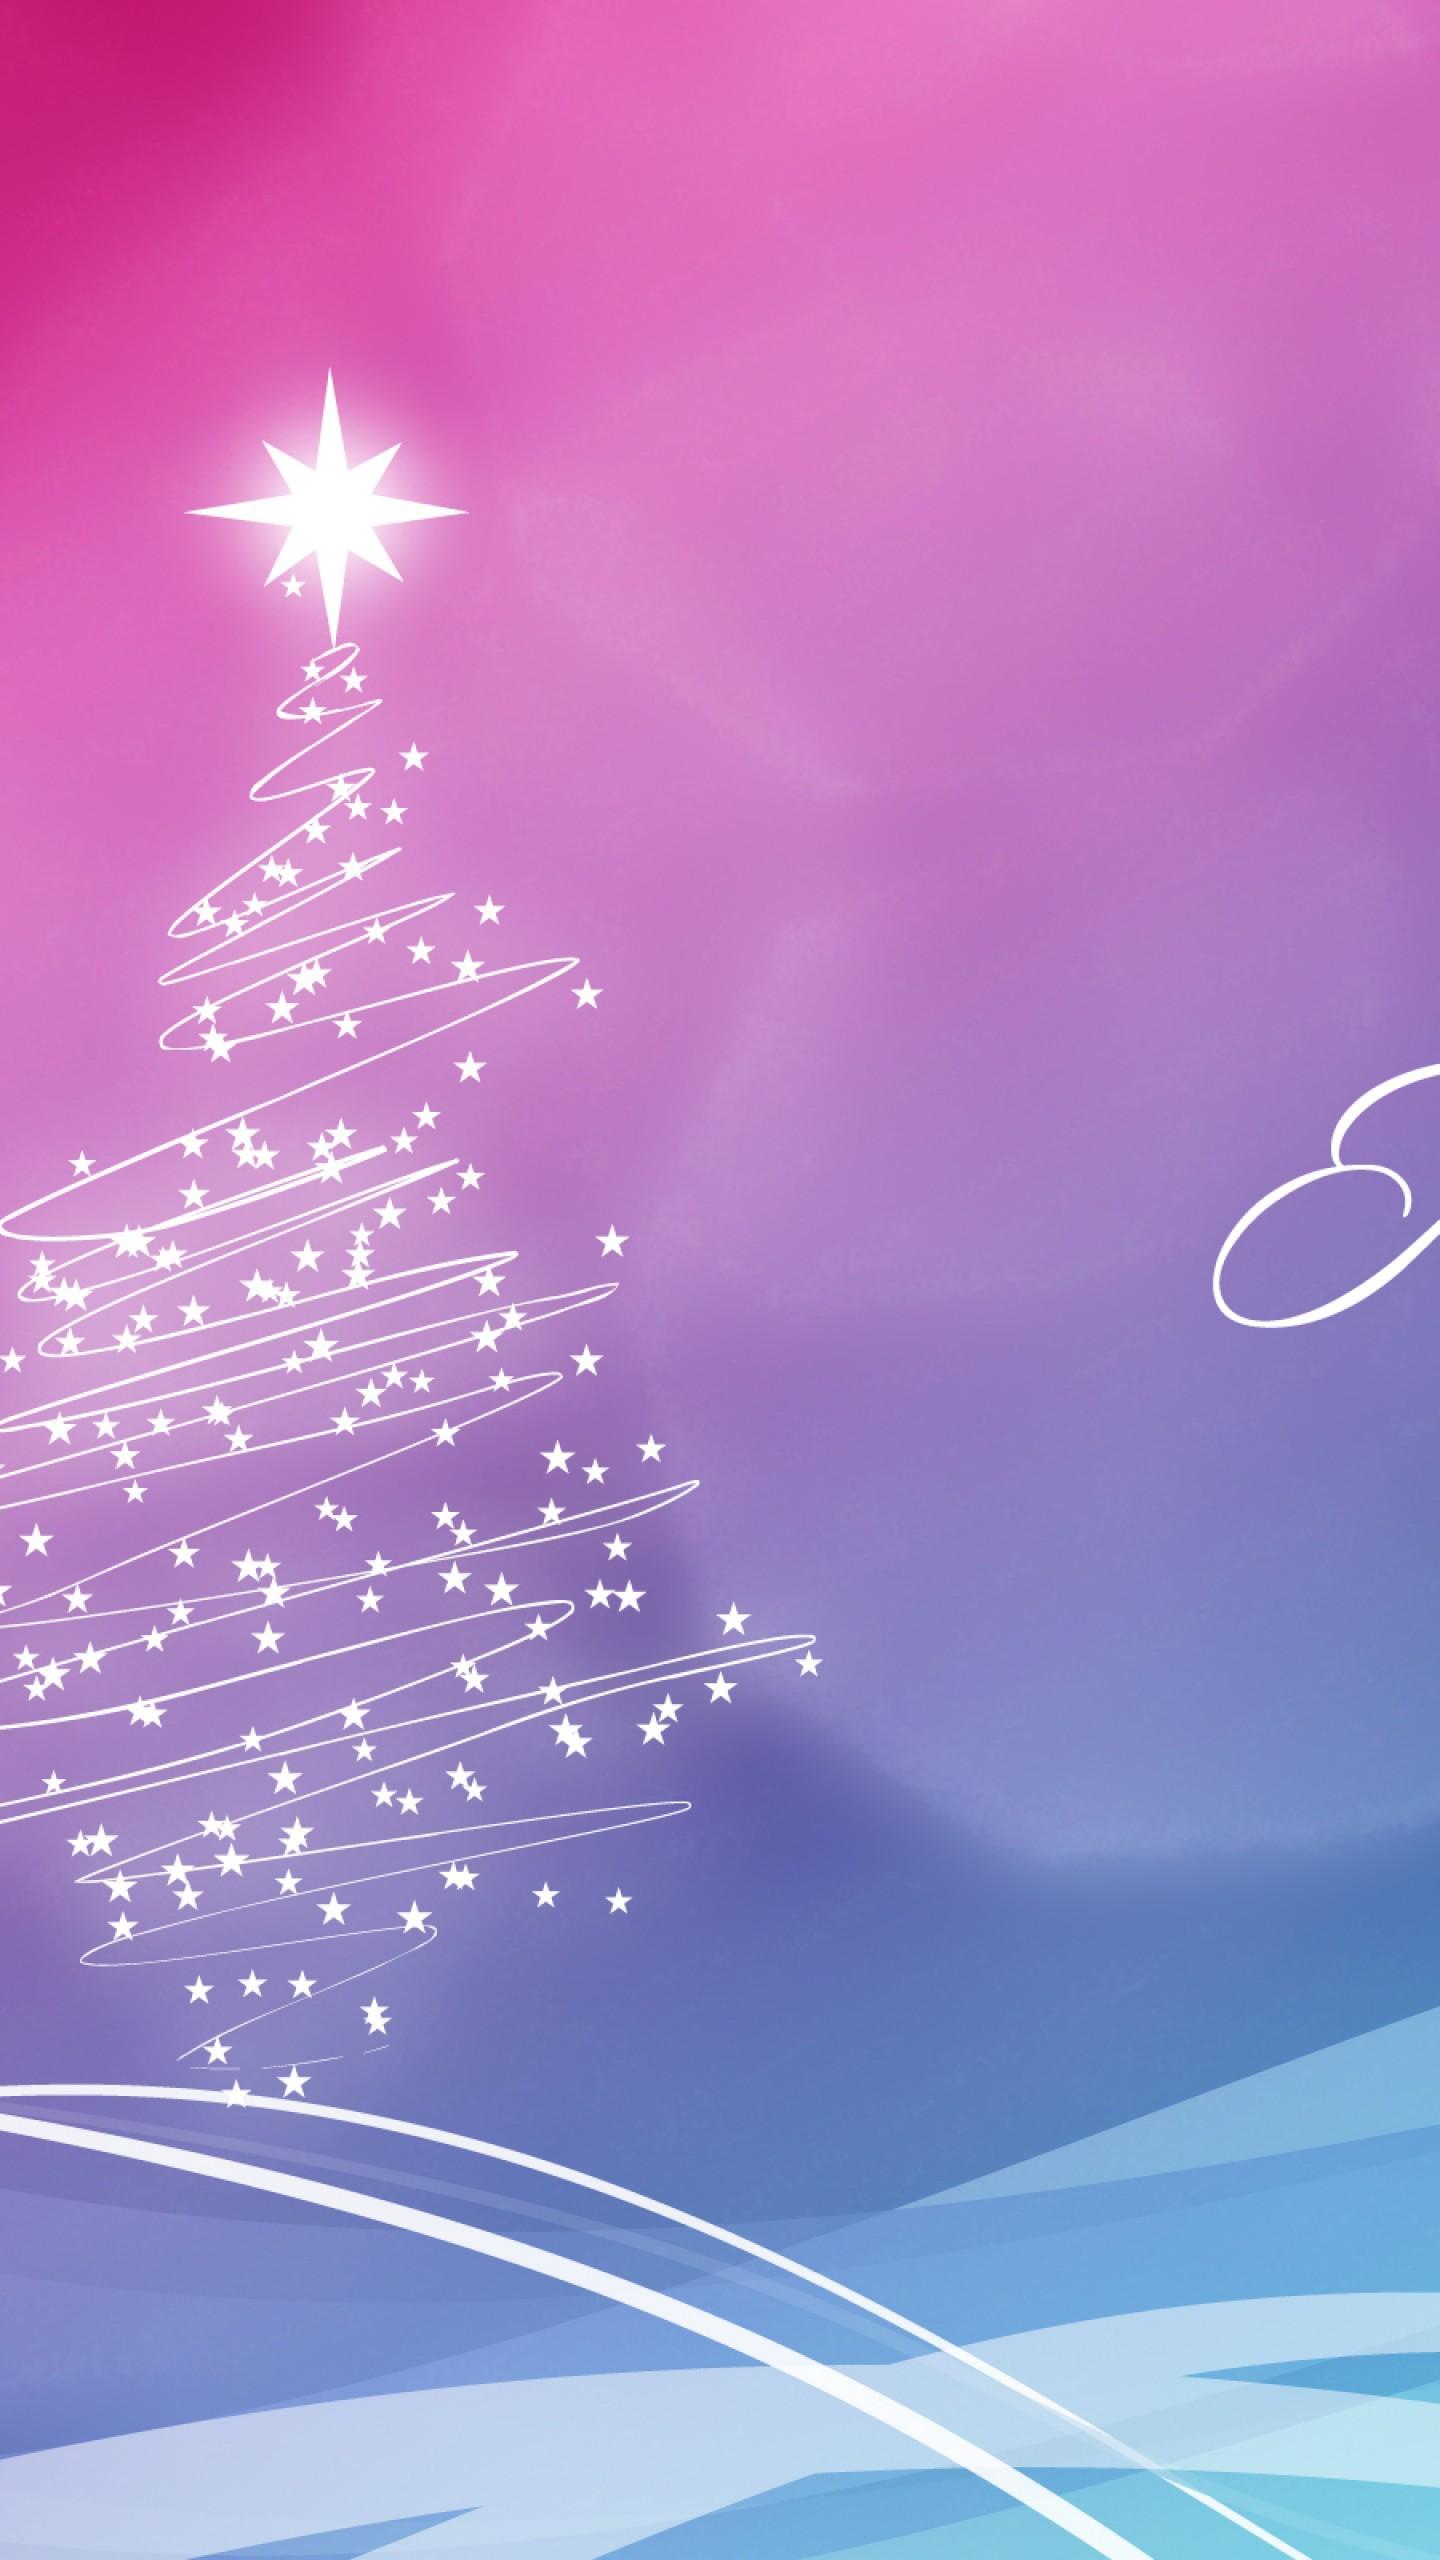 عکس زمینه جشن های رنگارنگ کریسمس مبارک پس زمینه